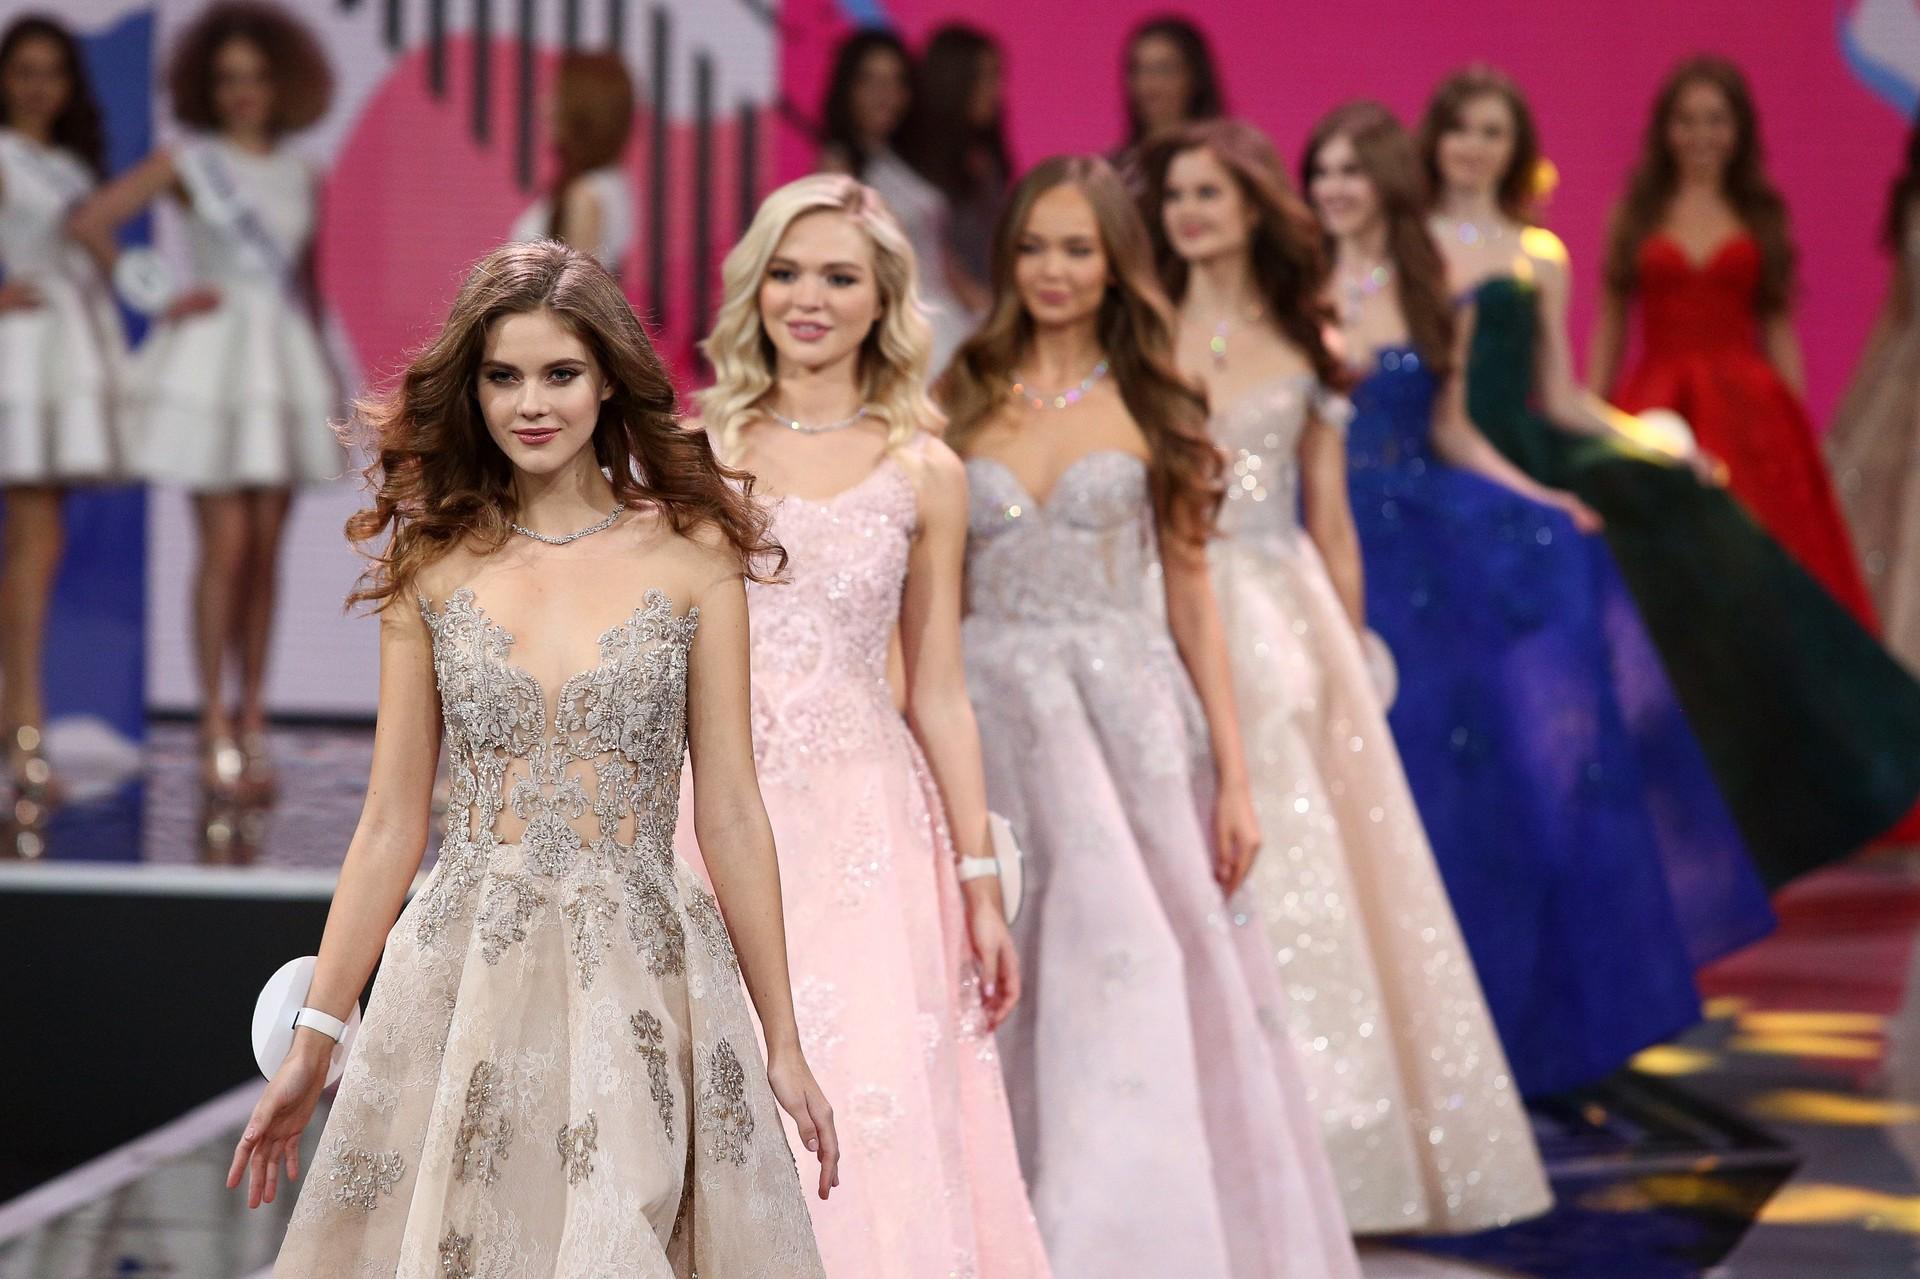 Cận cảnh nhan sắc ngọt ngào của tân Hoa hậu Nga - Ảnh 4.